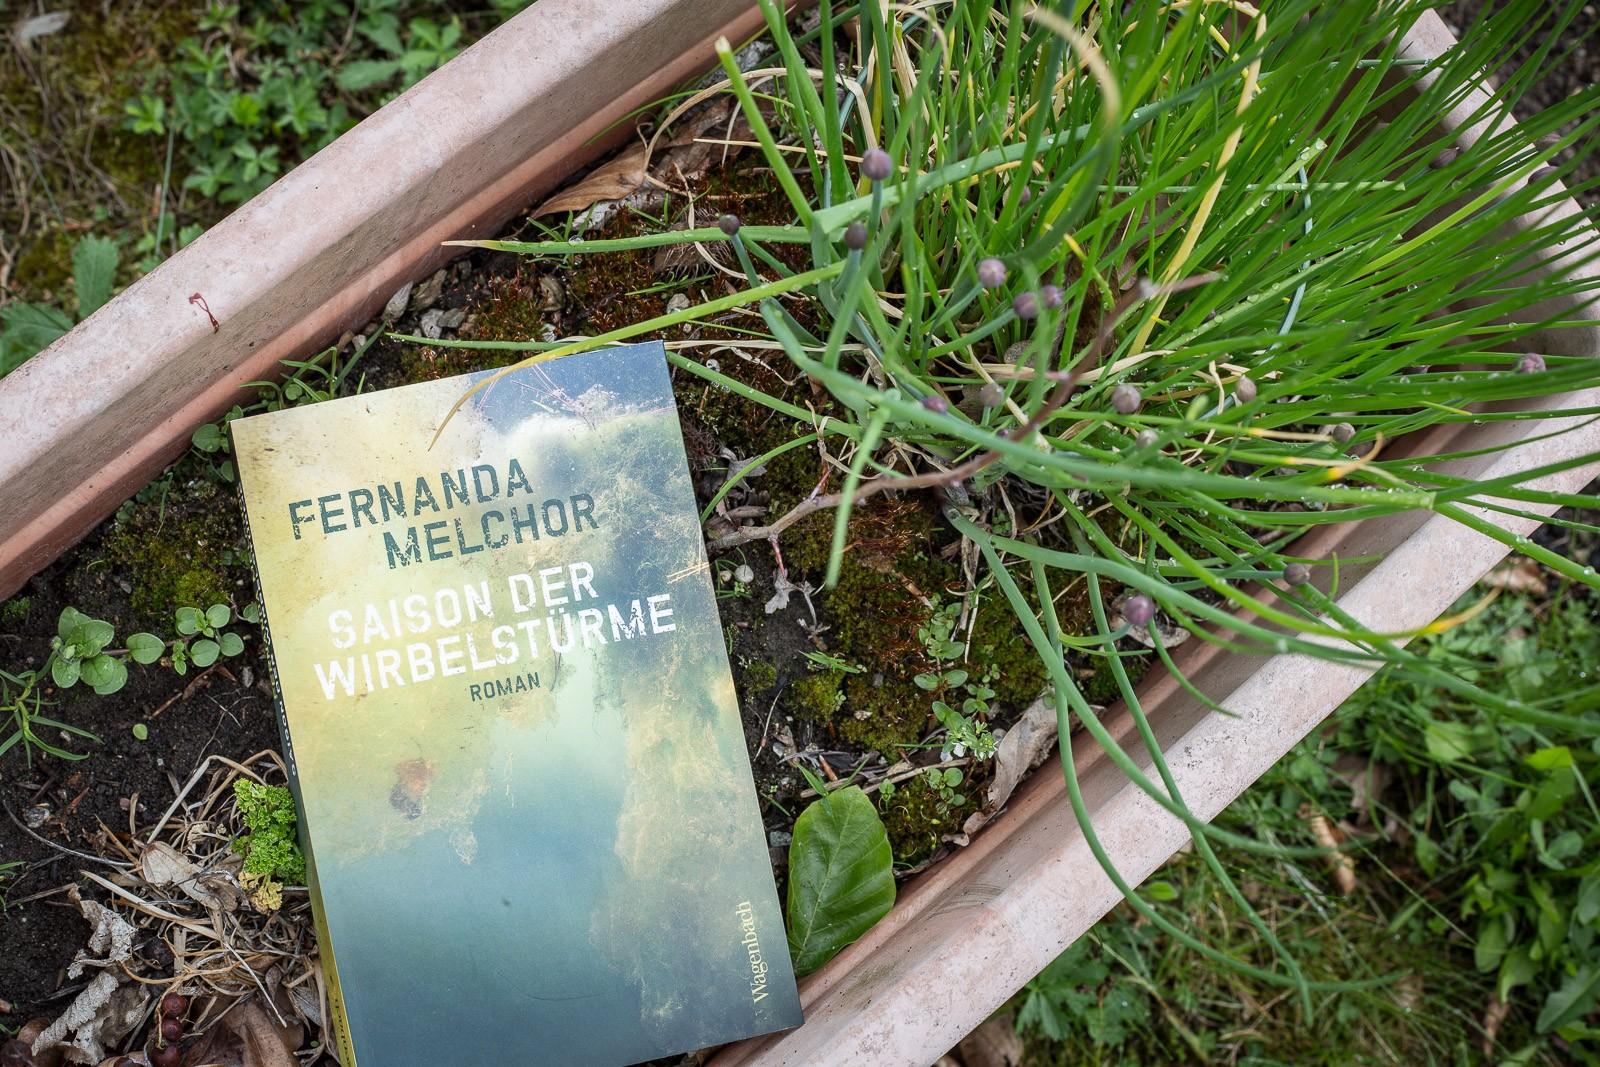 Saison der Wirbelstürme - Fernanda Melchor